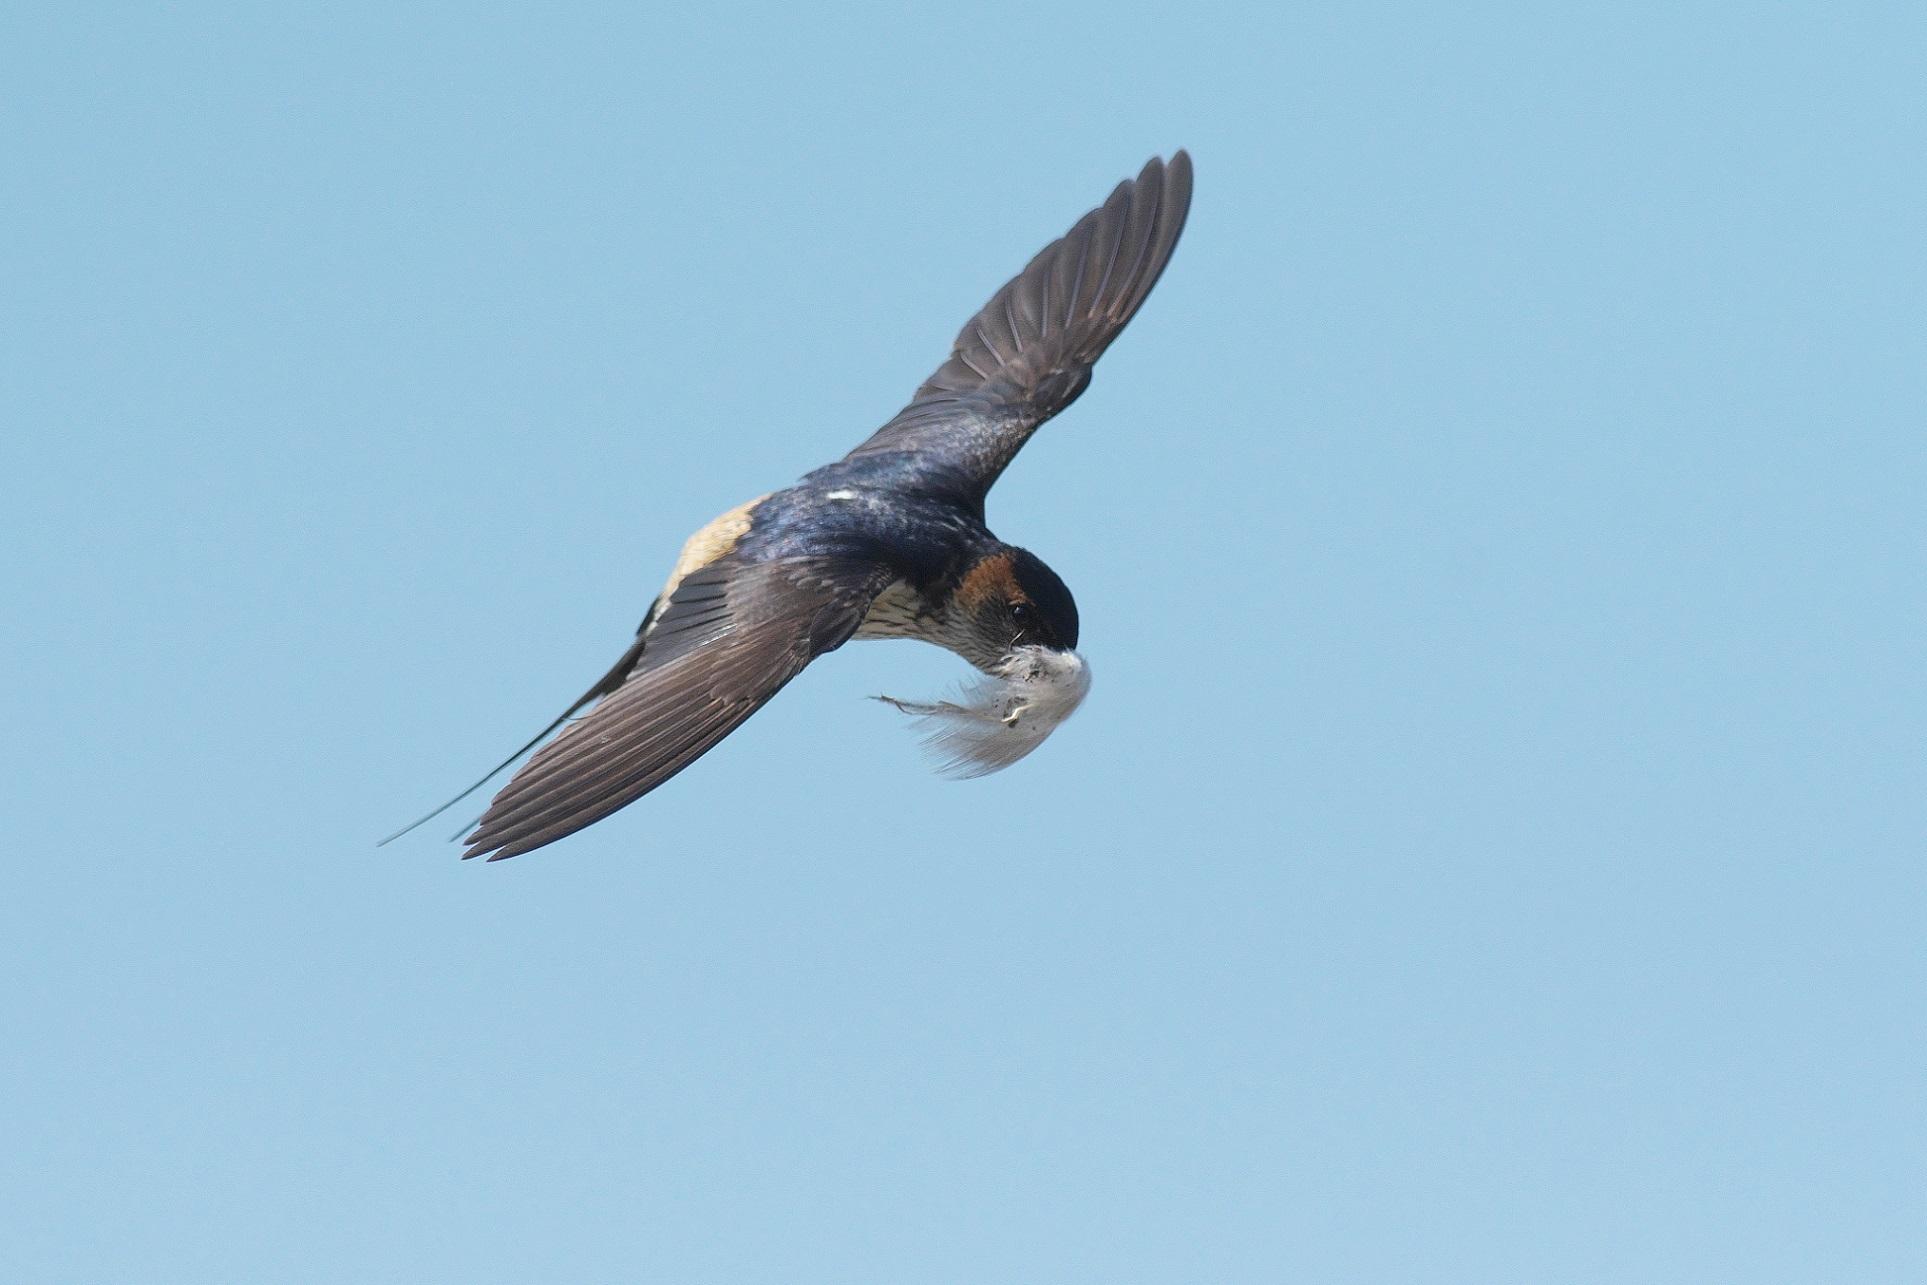 羽を咥えて飛ぶコシアカツバメ_c0383758_15535402.jpg